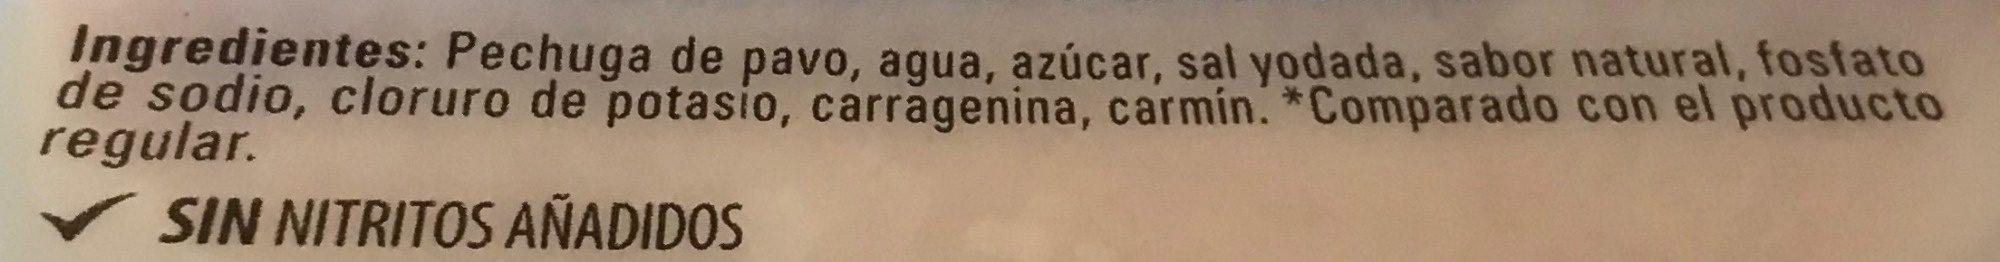 Pechuga de pavo - Ingrediënten